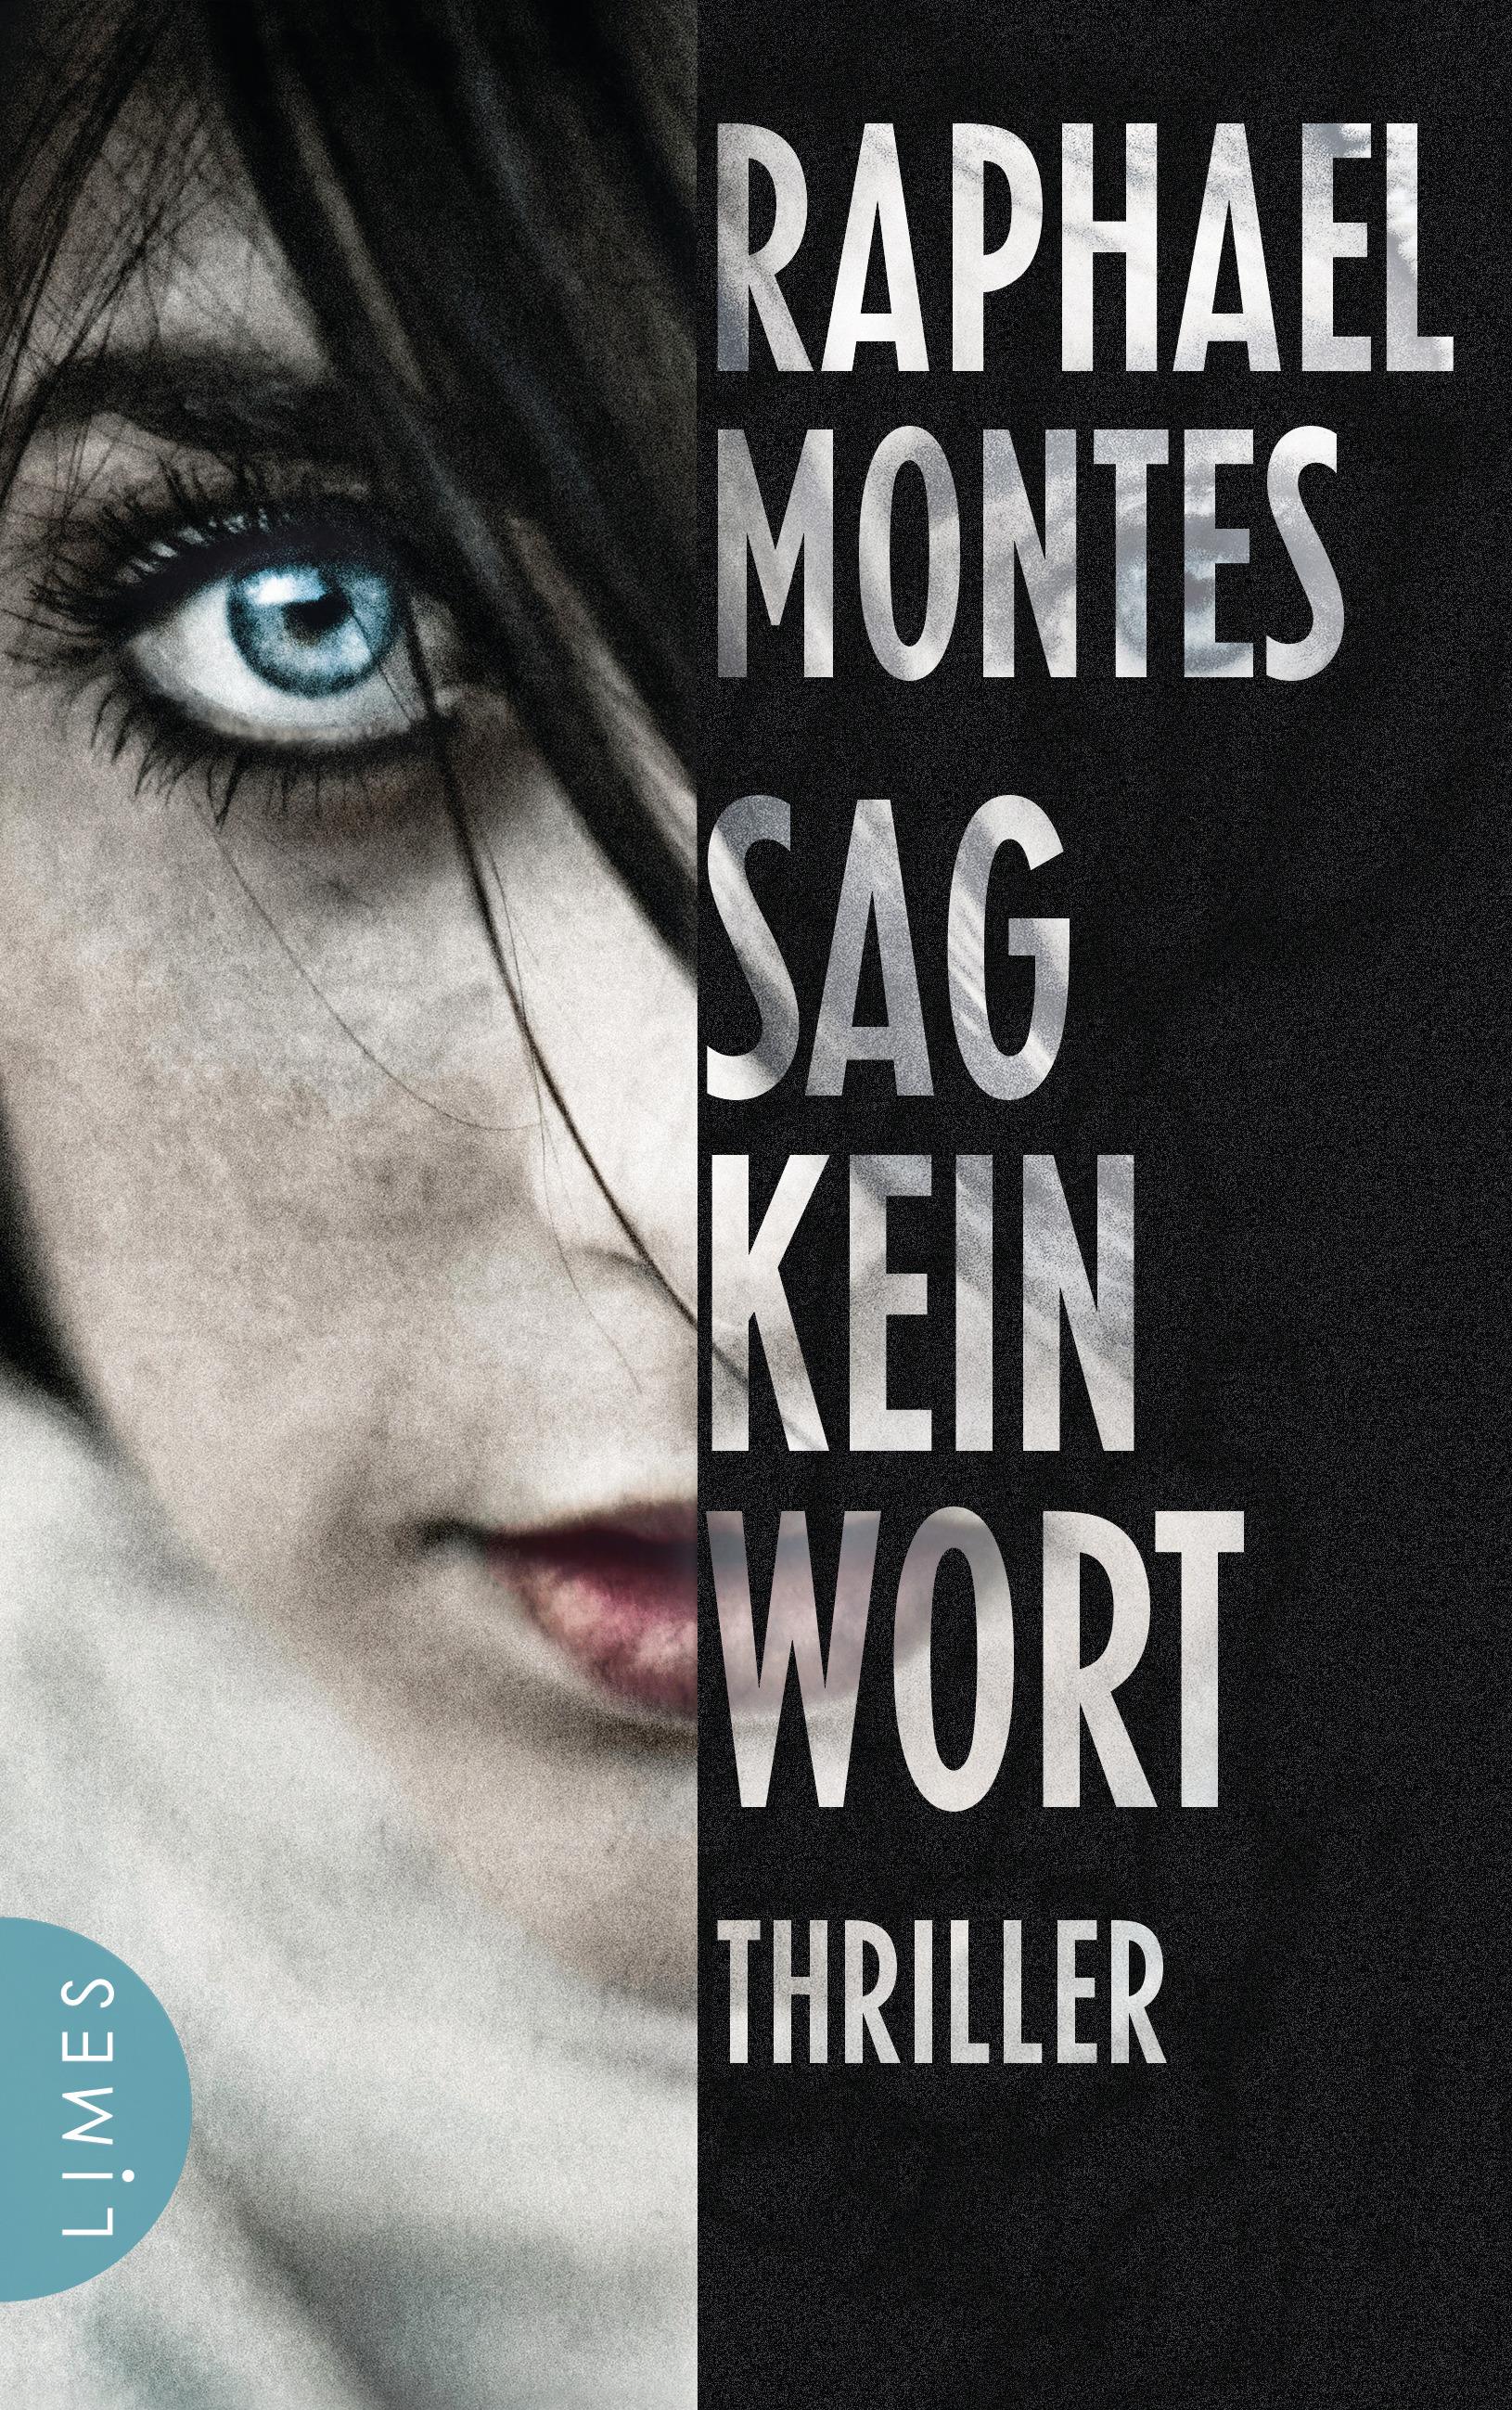 Montes, Sag kein Wort.jpg